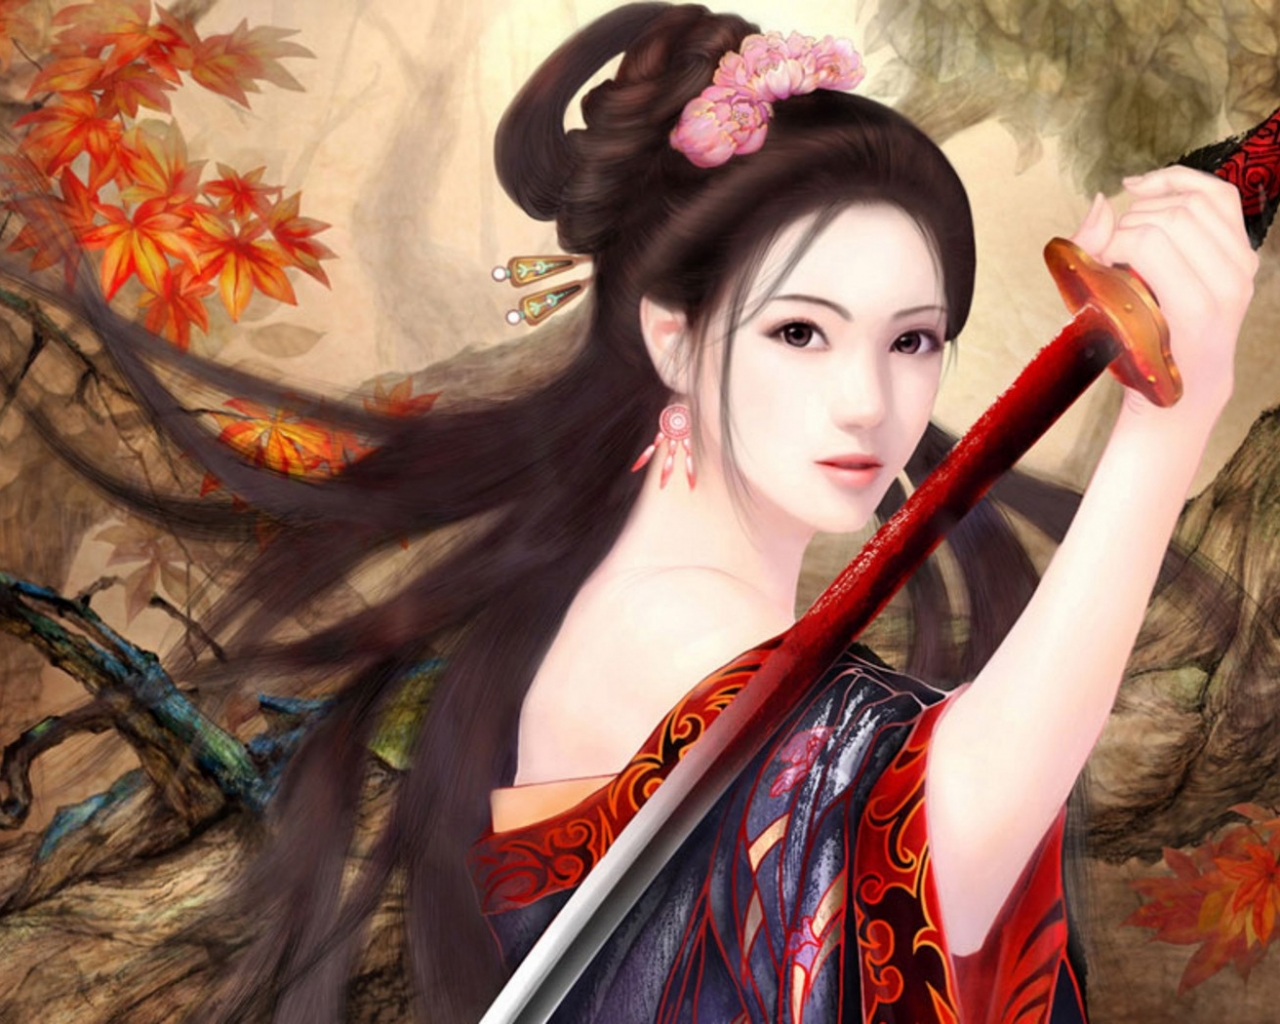 Chica de anime - 1280x1024